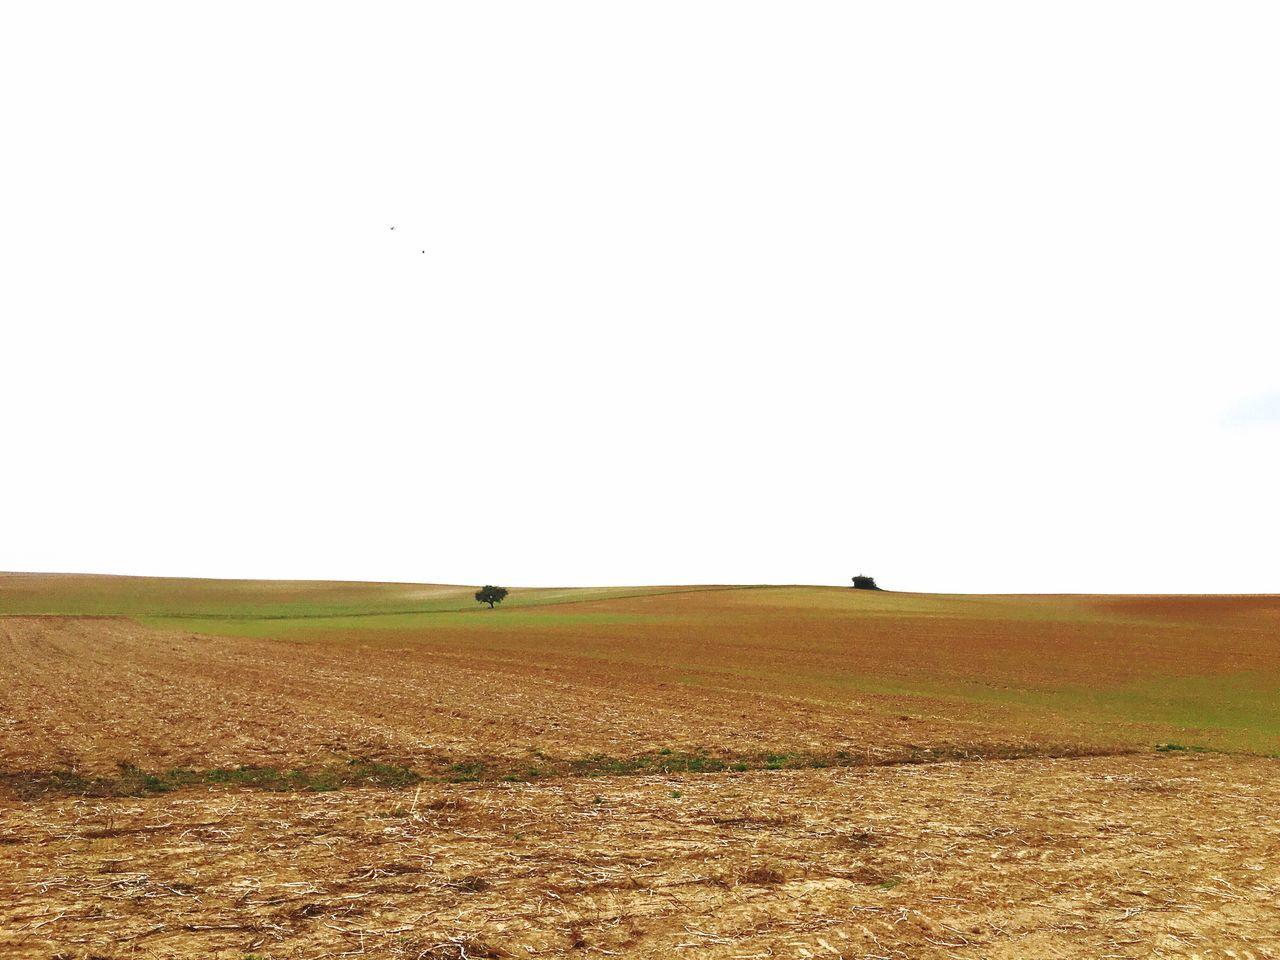 Landwirtschaft German Countryside Agriculture Field Fields Felder Im Herbst Fields In Autumn Fields In Fall Autumn Fields Harvested Harvested Field